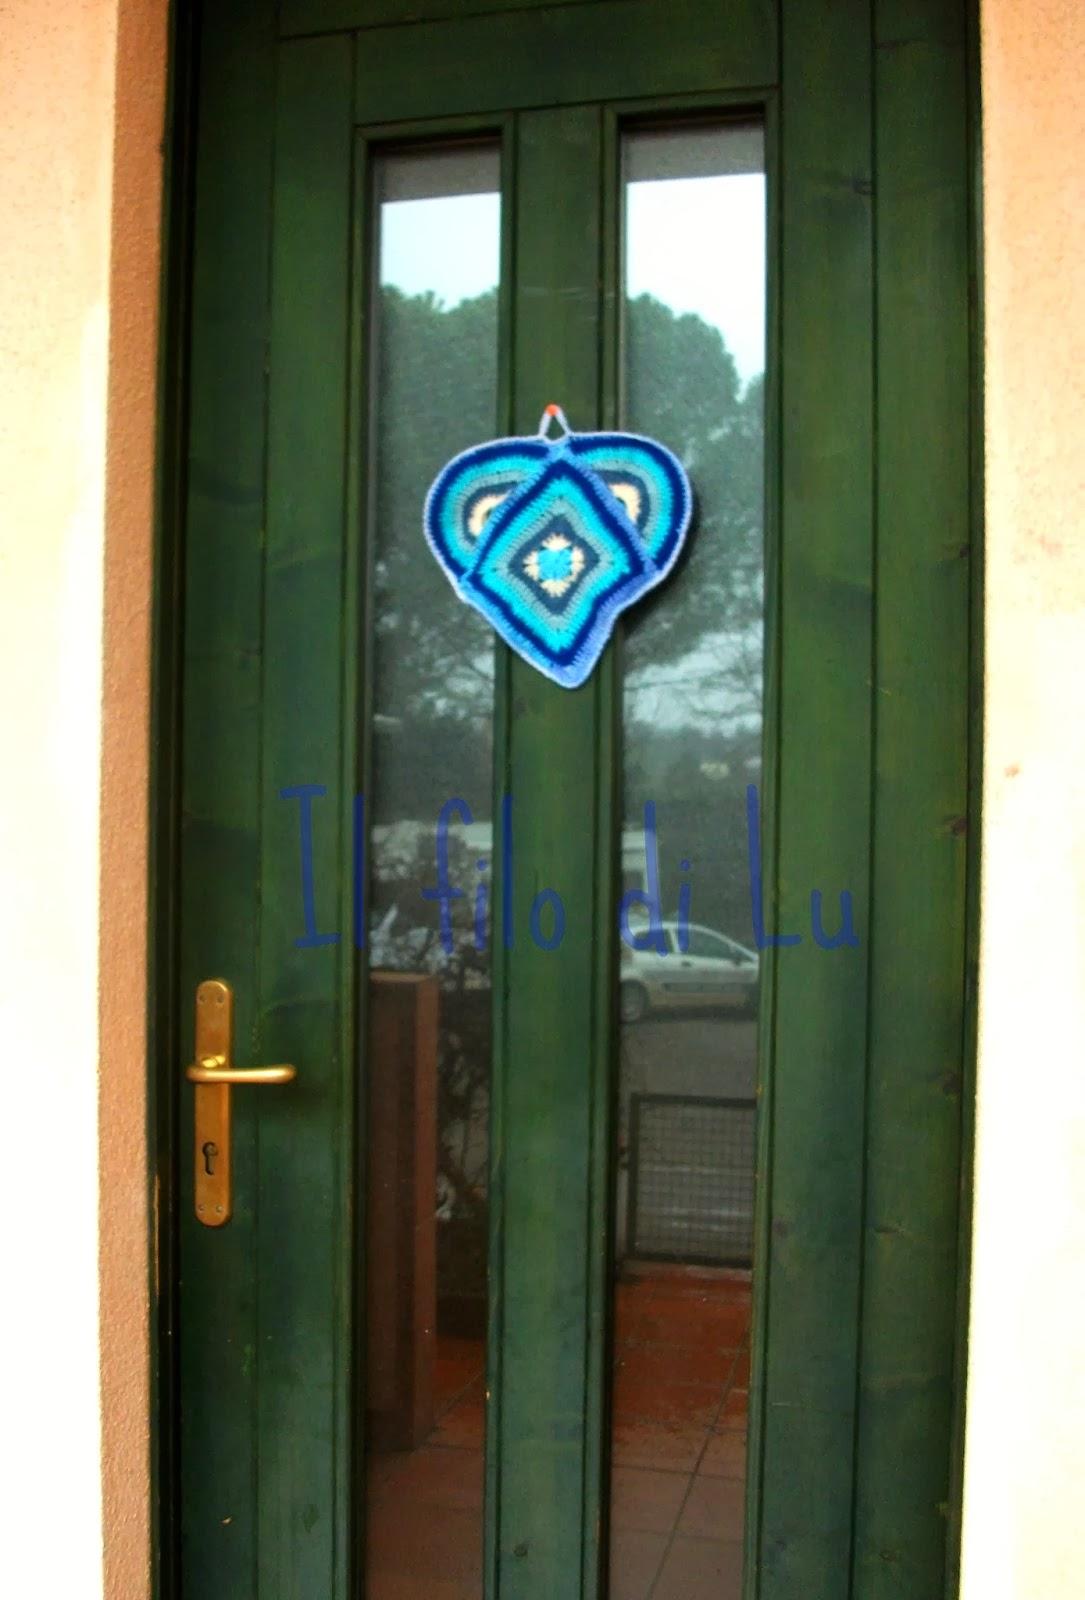 Il filo di lu un cuore alla granny square per la mia porta - Cuore da appendere alla porta ...